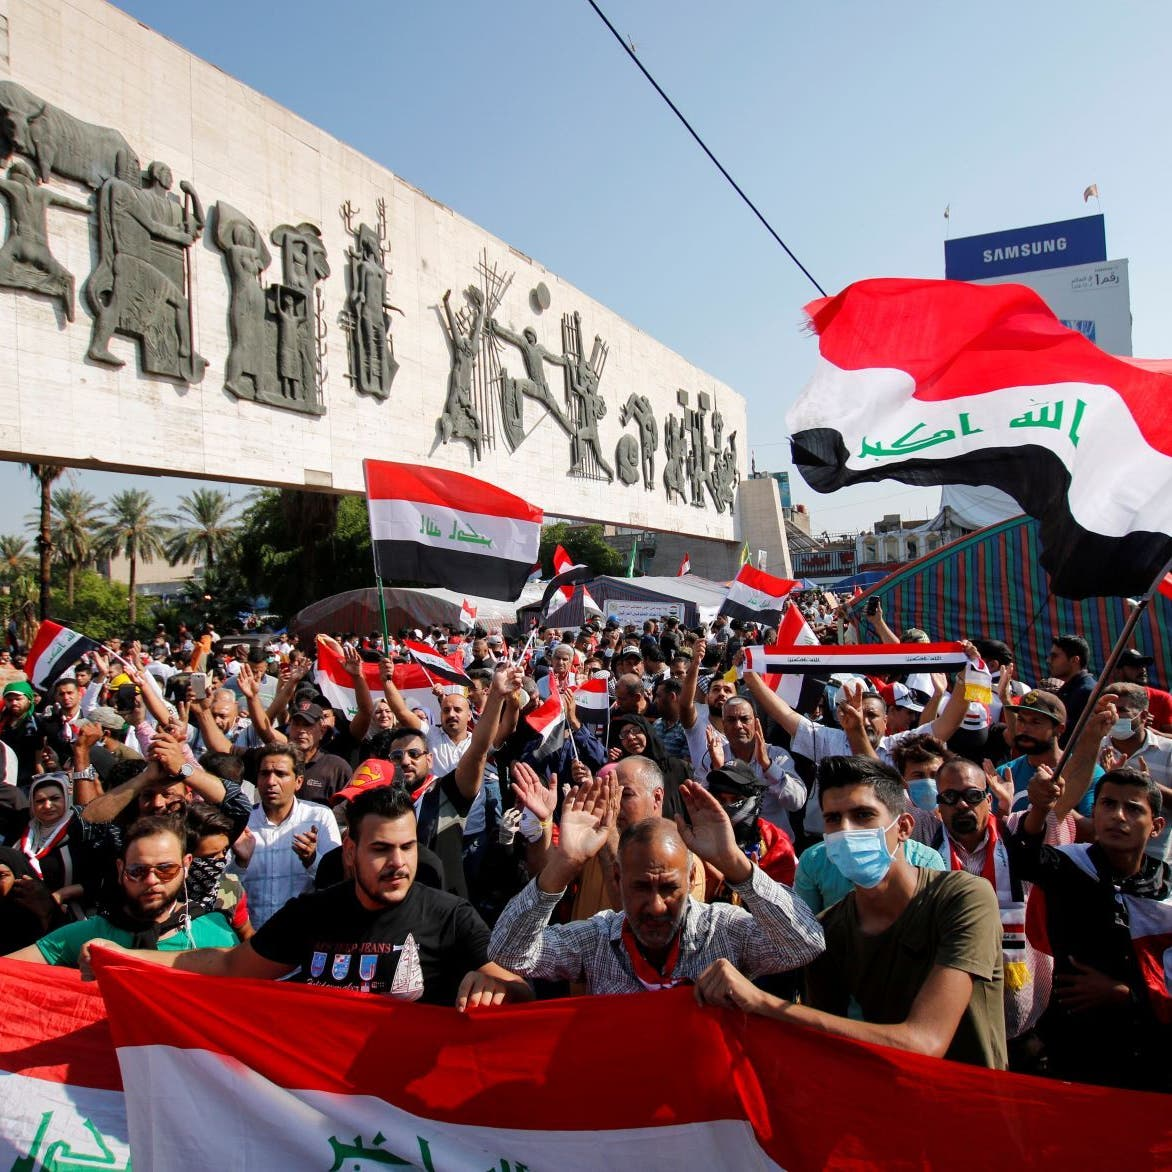 بغداد.. مقتل ناشط بطلق ناري وجرح 13 في تظاهرة ساحة التحرير